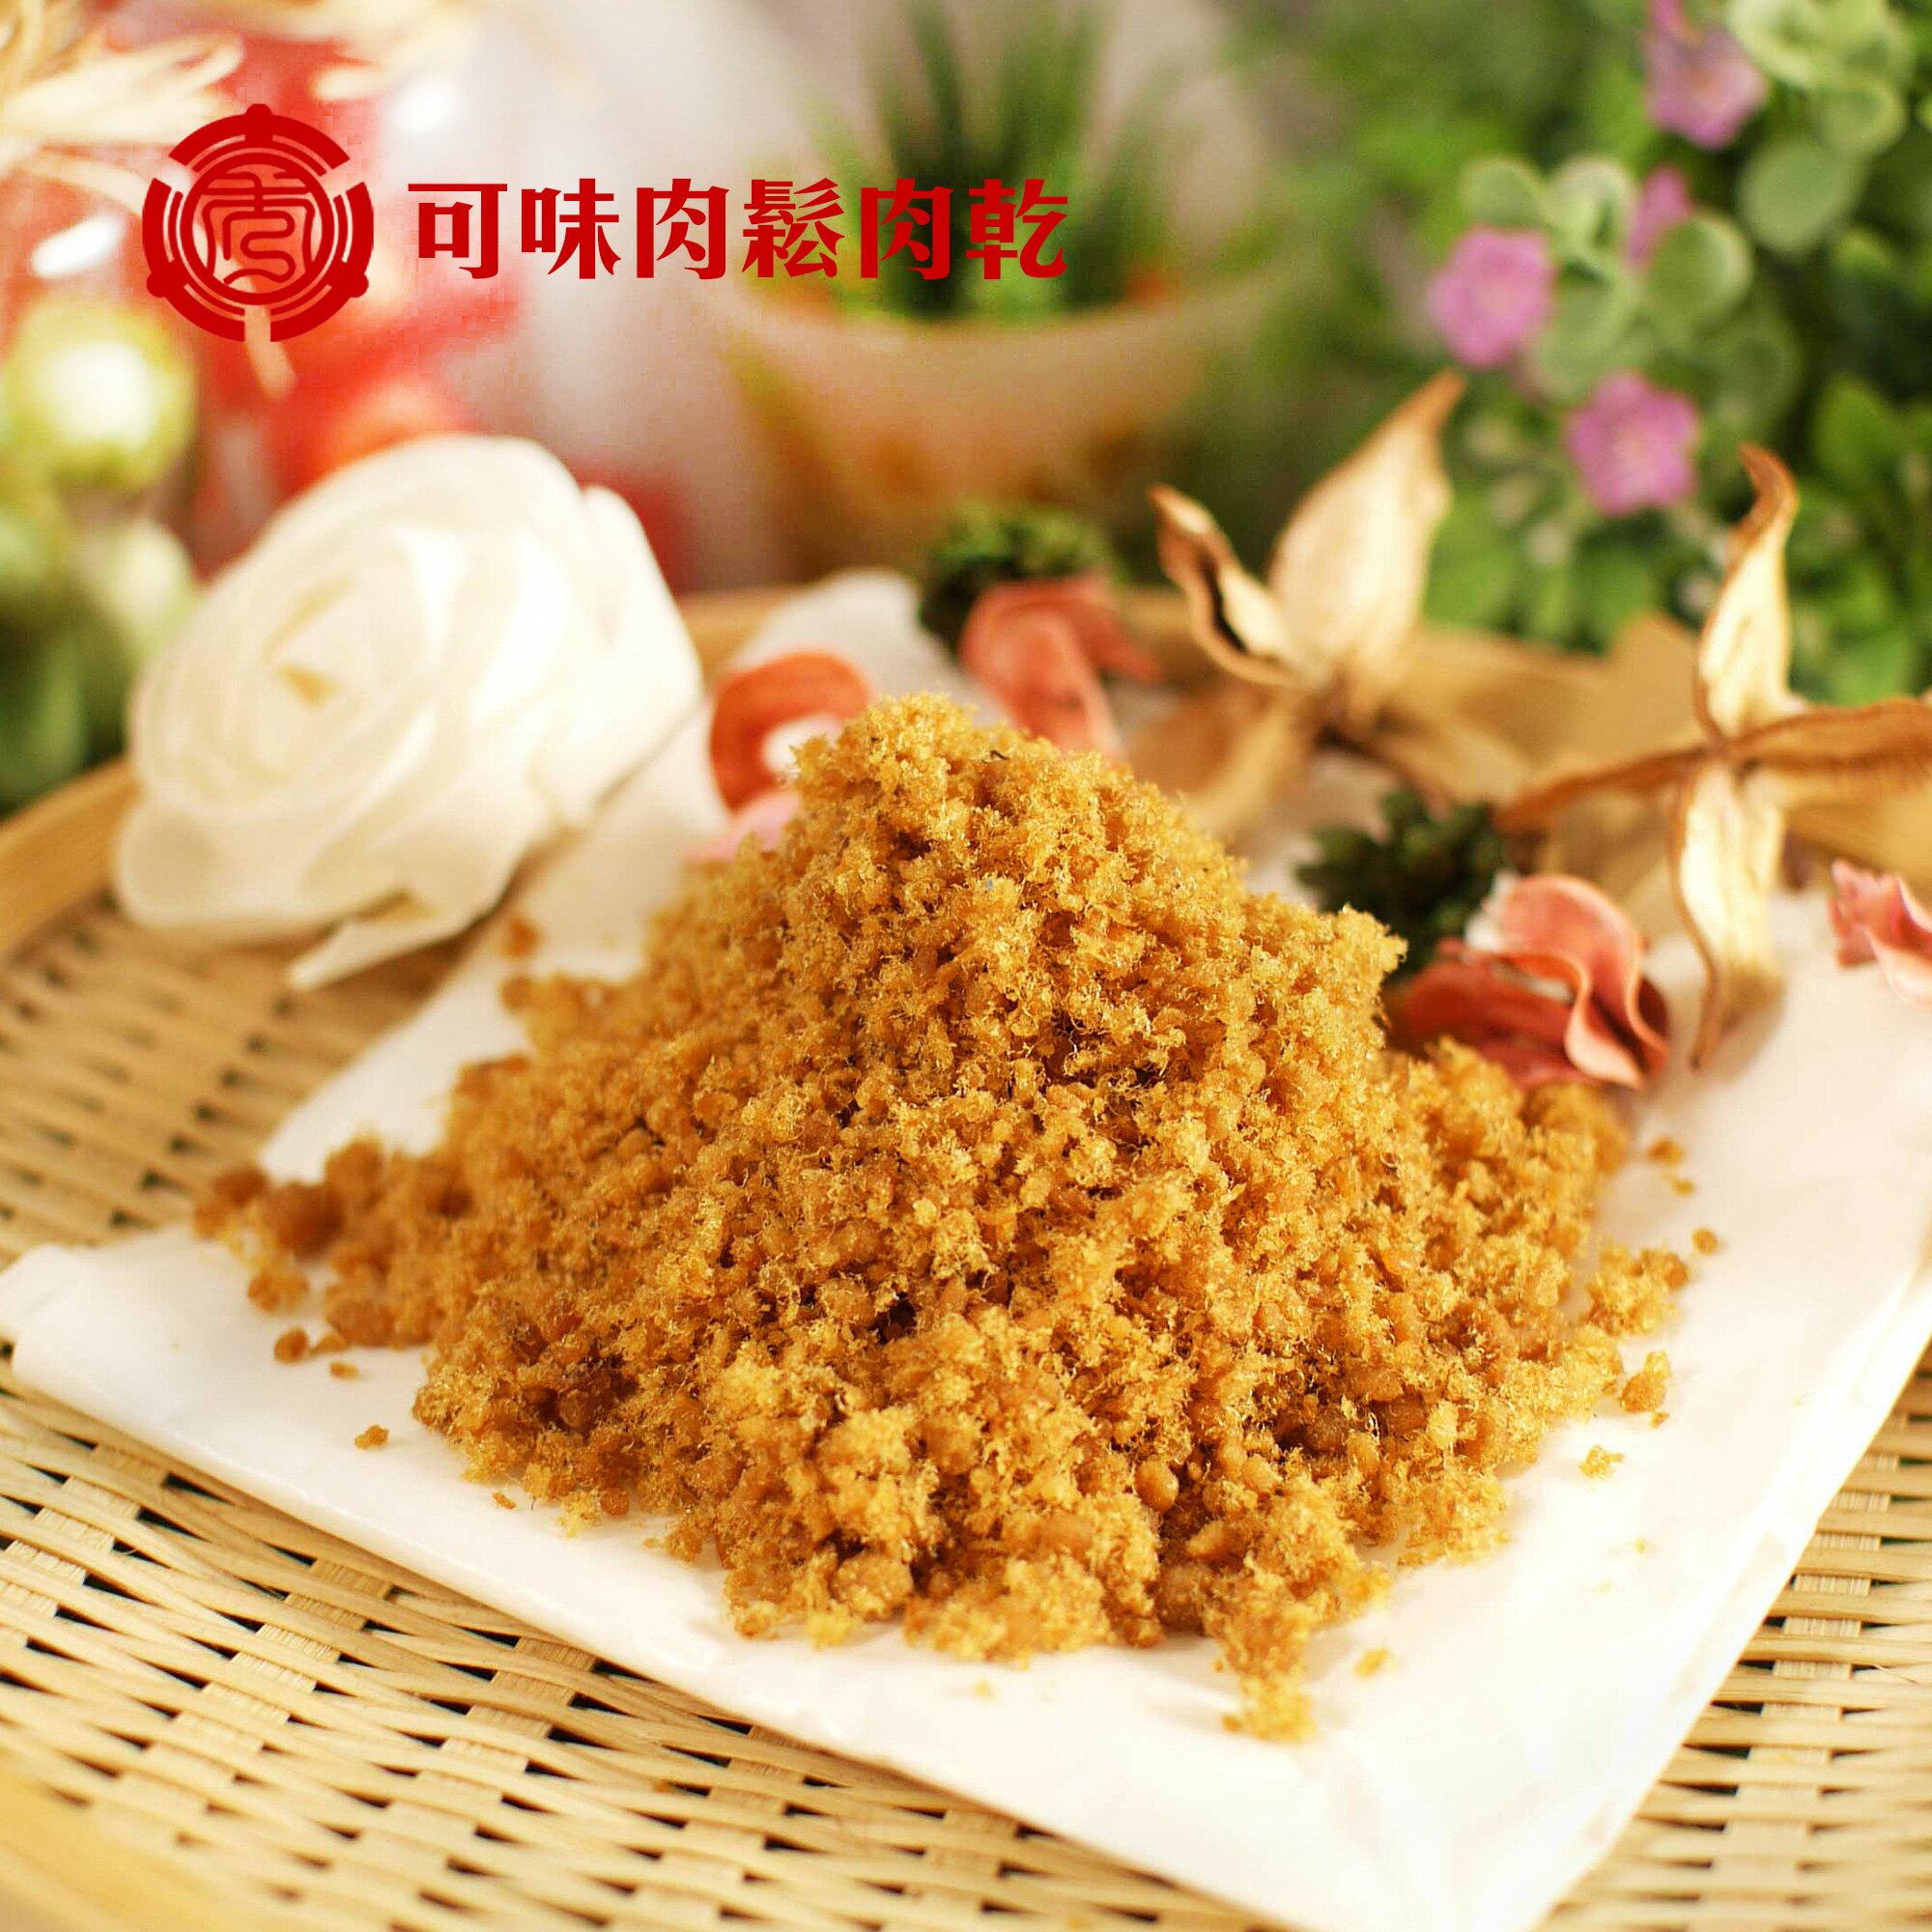 鮮活旗魚脯(粗香) 獨享包(淨重125g/包)/魚鬆/魚酥/魚脯/旗魚/【可味肉鬆肉乾】